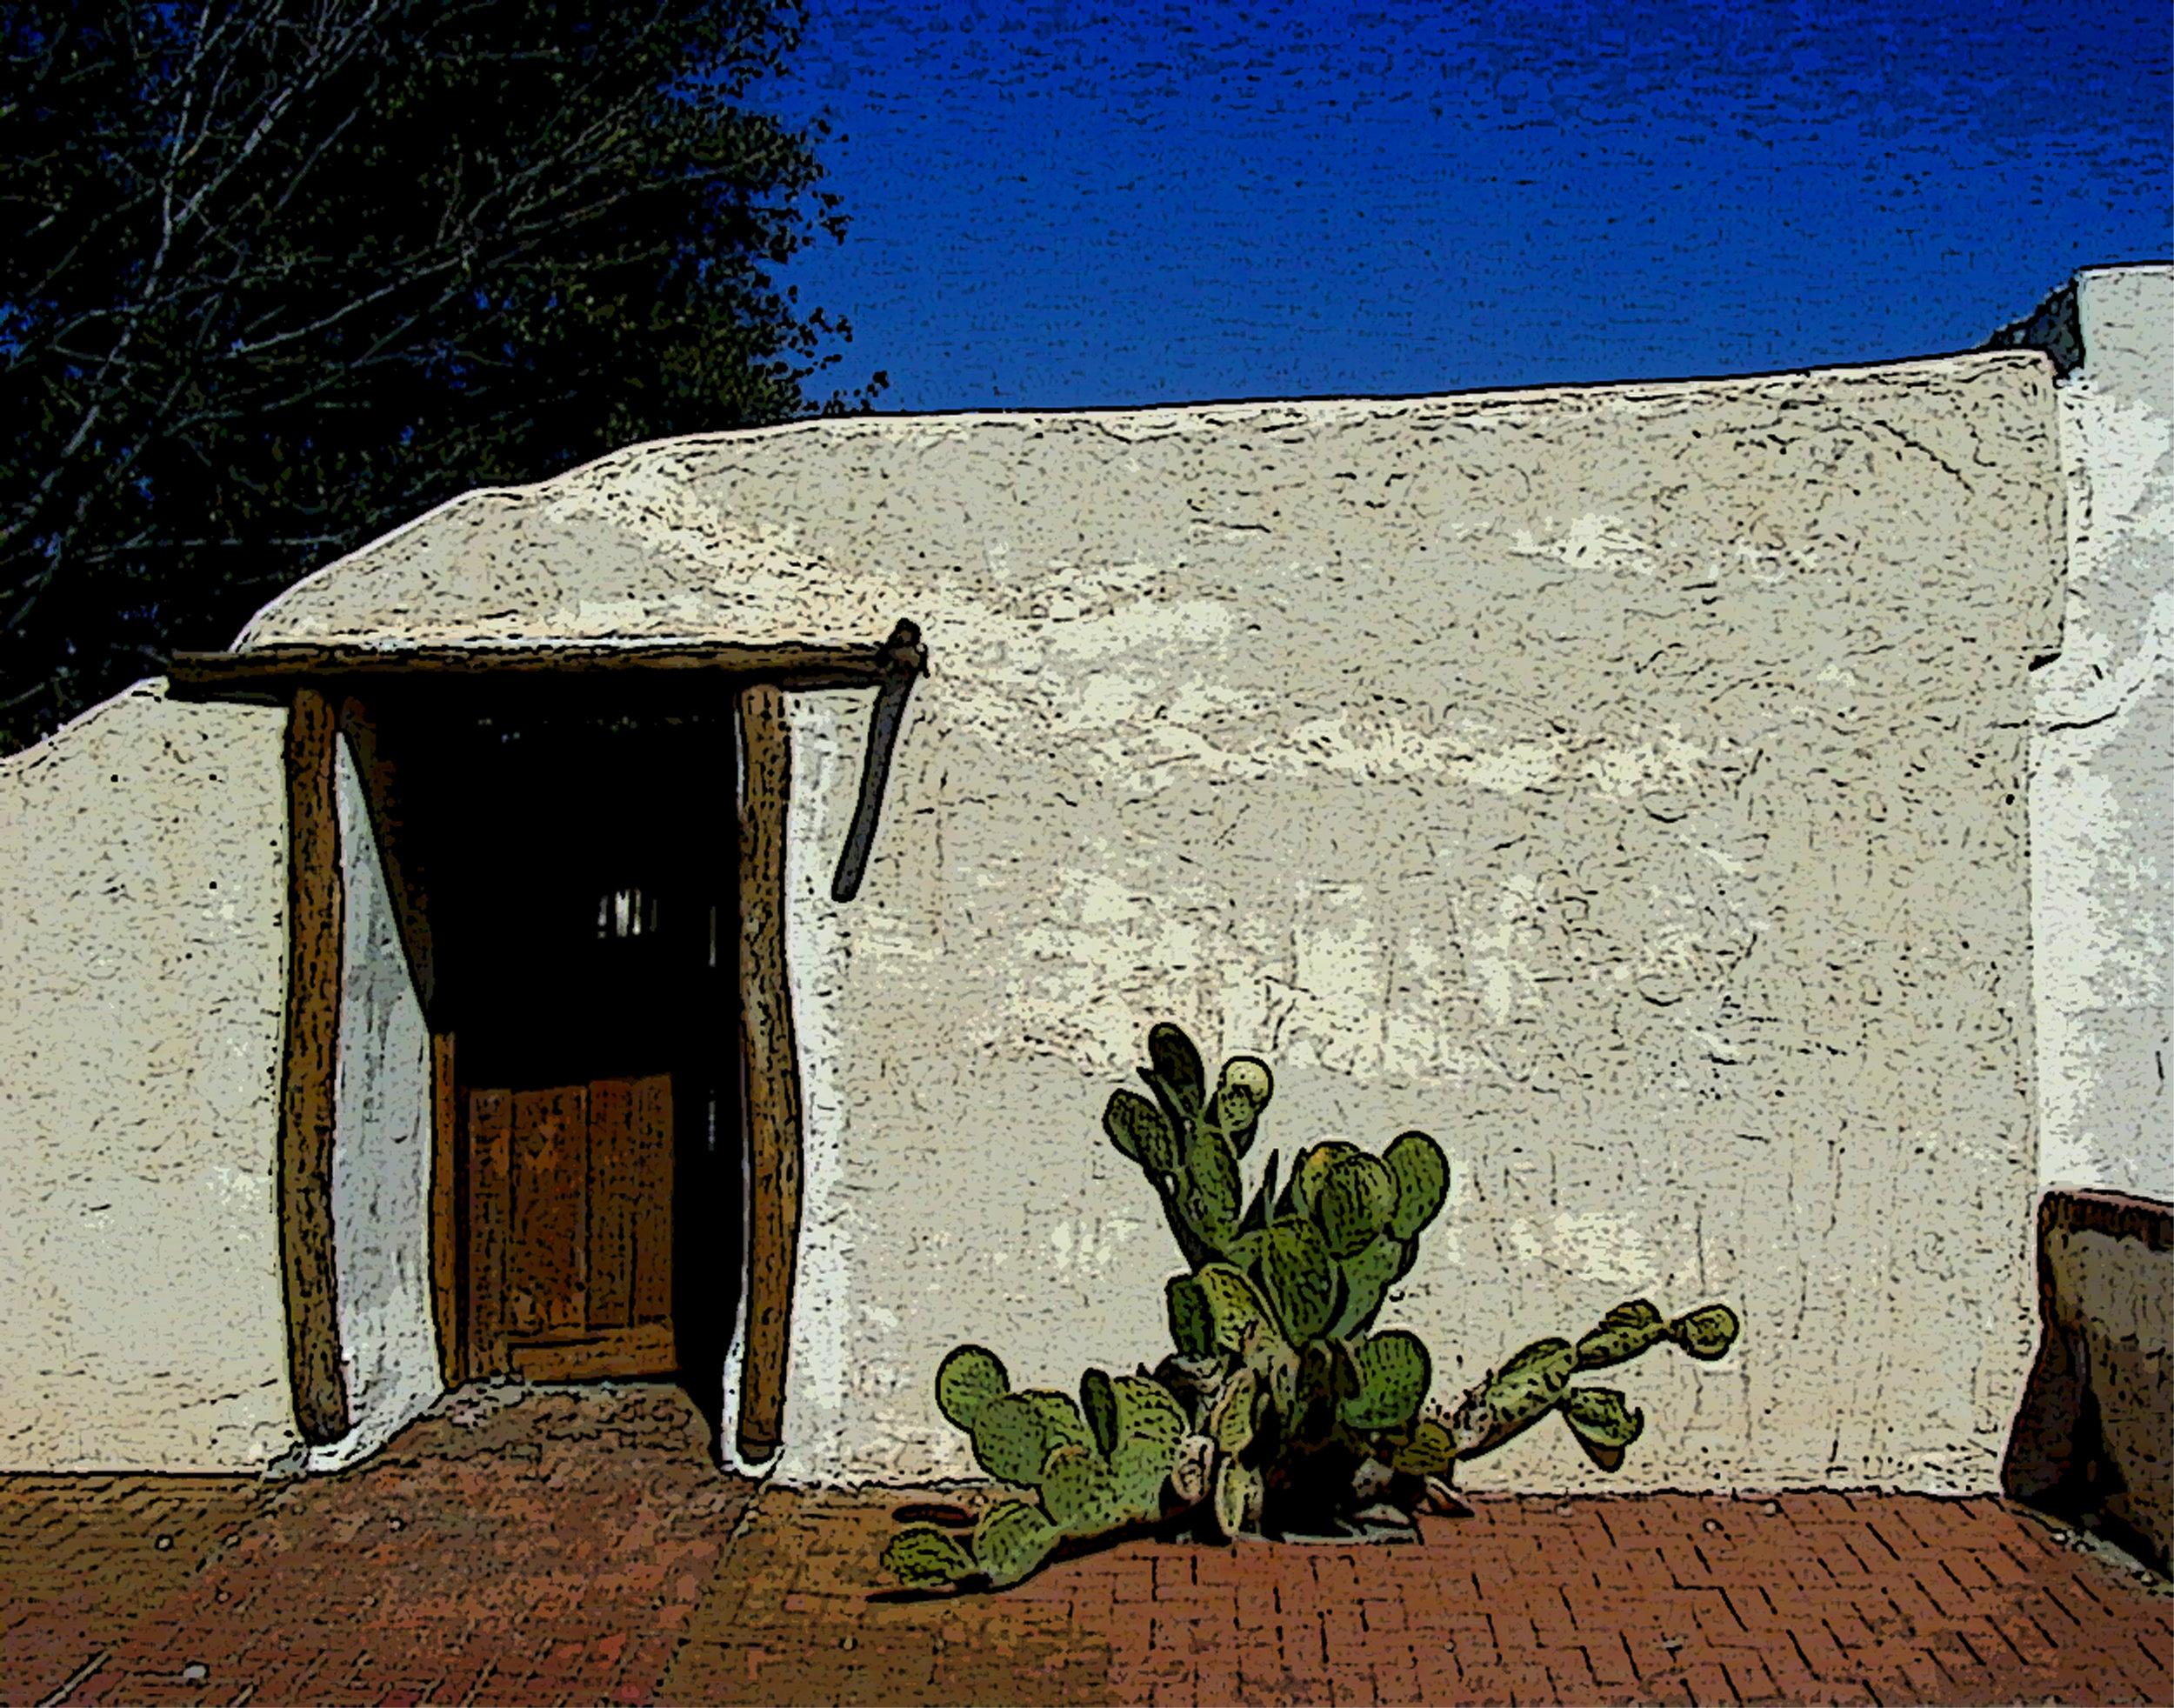 Cactus & Door-1 copy.jpg